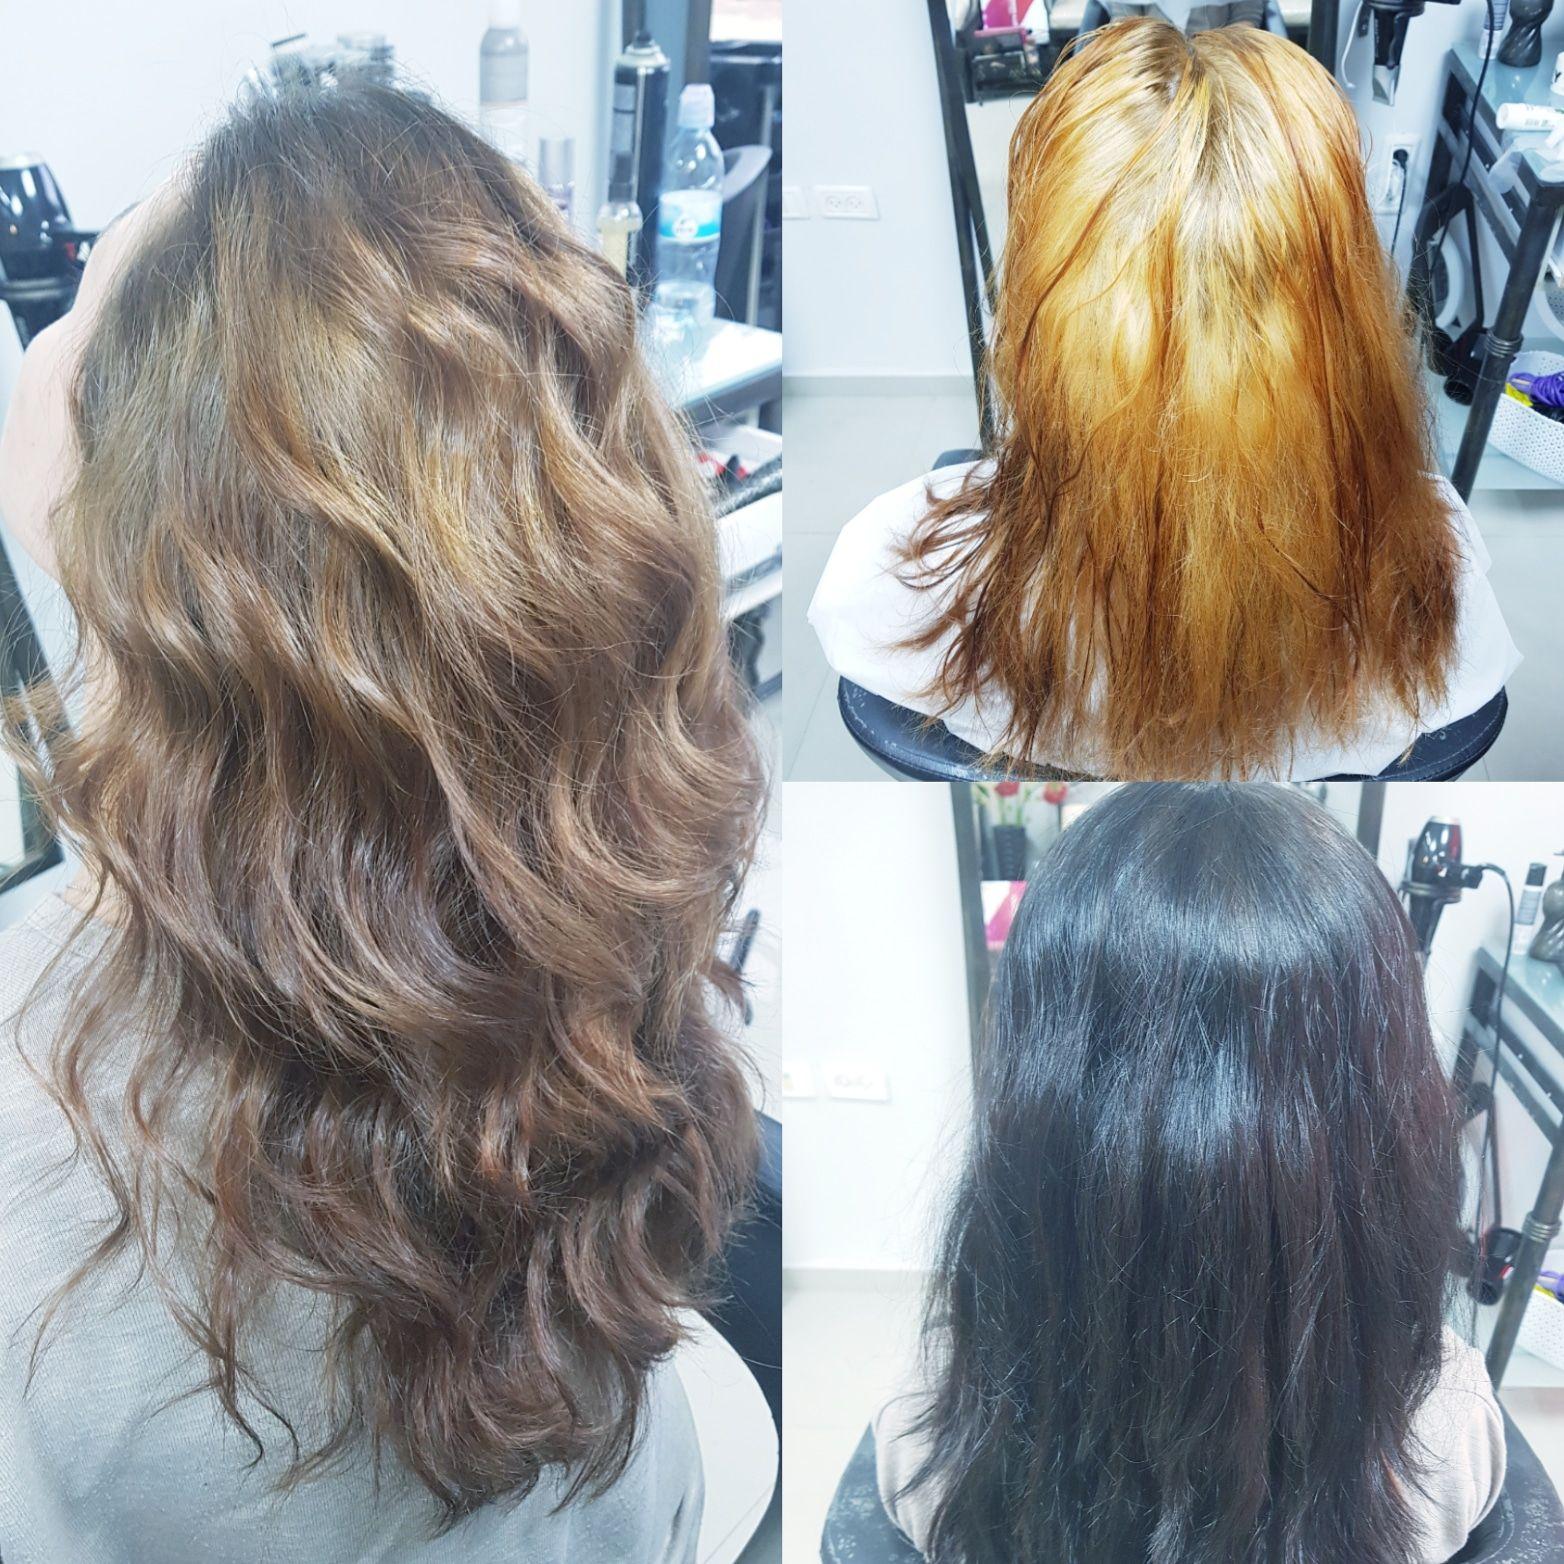 גוונים טבעיים לורן עיצוב שיער בקרית גת